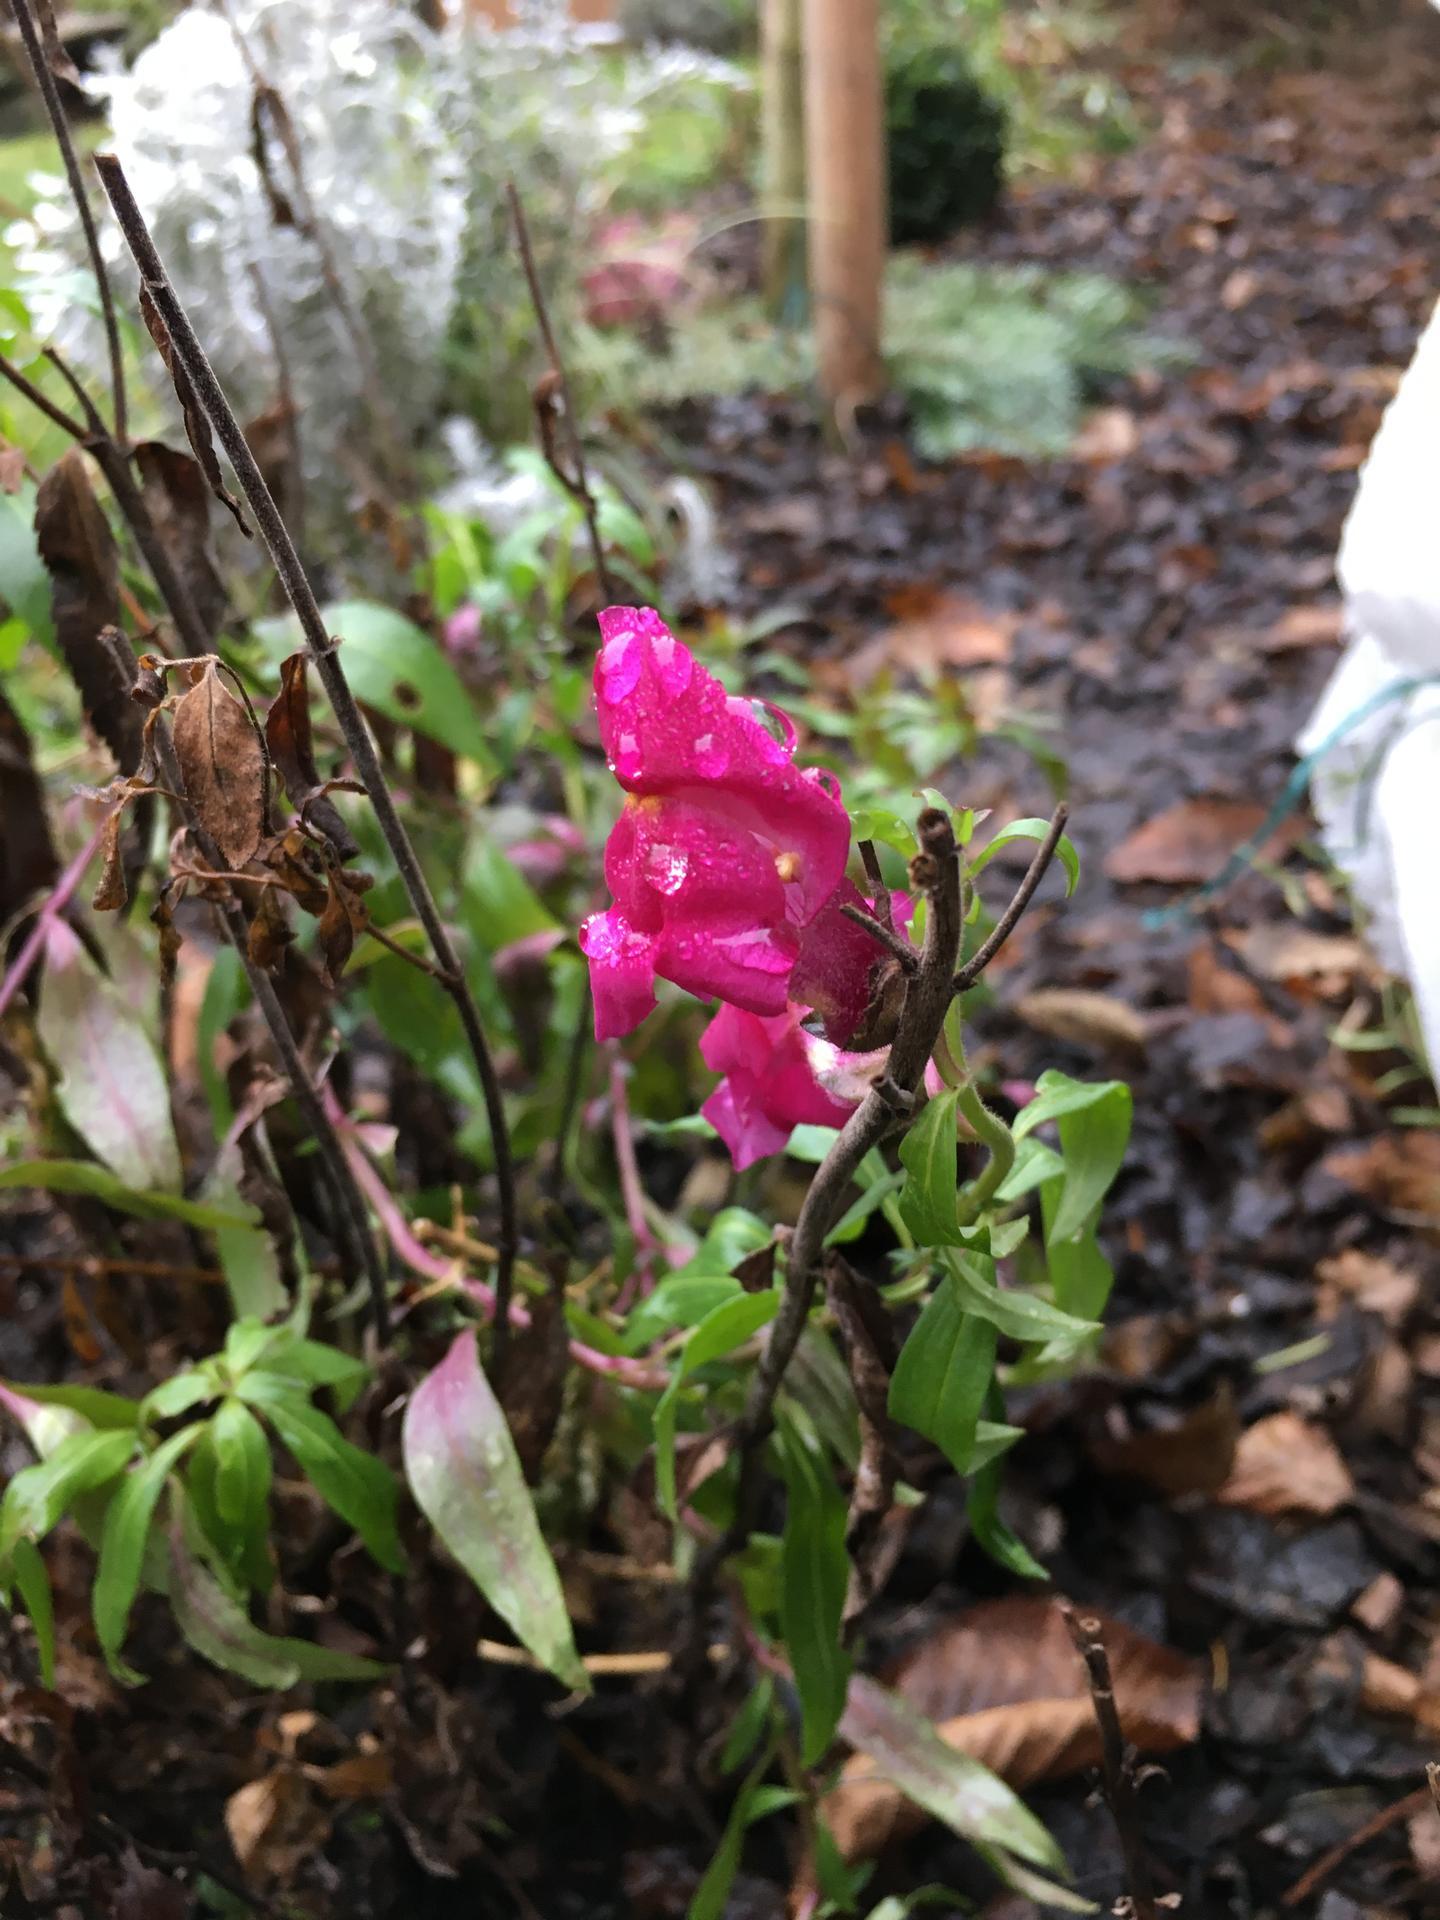 2021 🍀🤞🏻 - Hledik stale kvete. Seminka jsem nechala jsem vyklicit loni zime v plastovem kanystru a myslim, ze jim to pridalo na odolnosti, kvetly krasne celou sezonu a nektere vydrzely do ted.